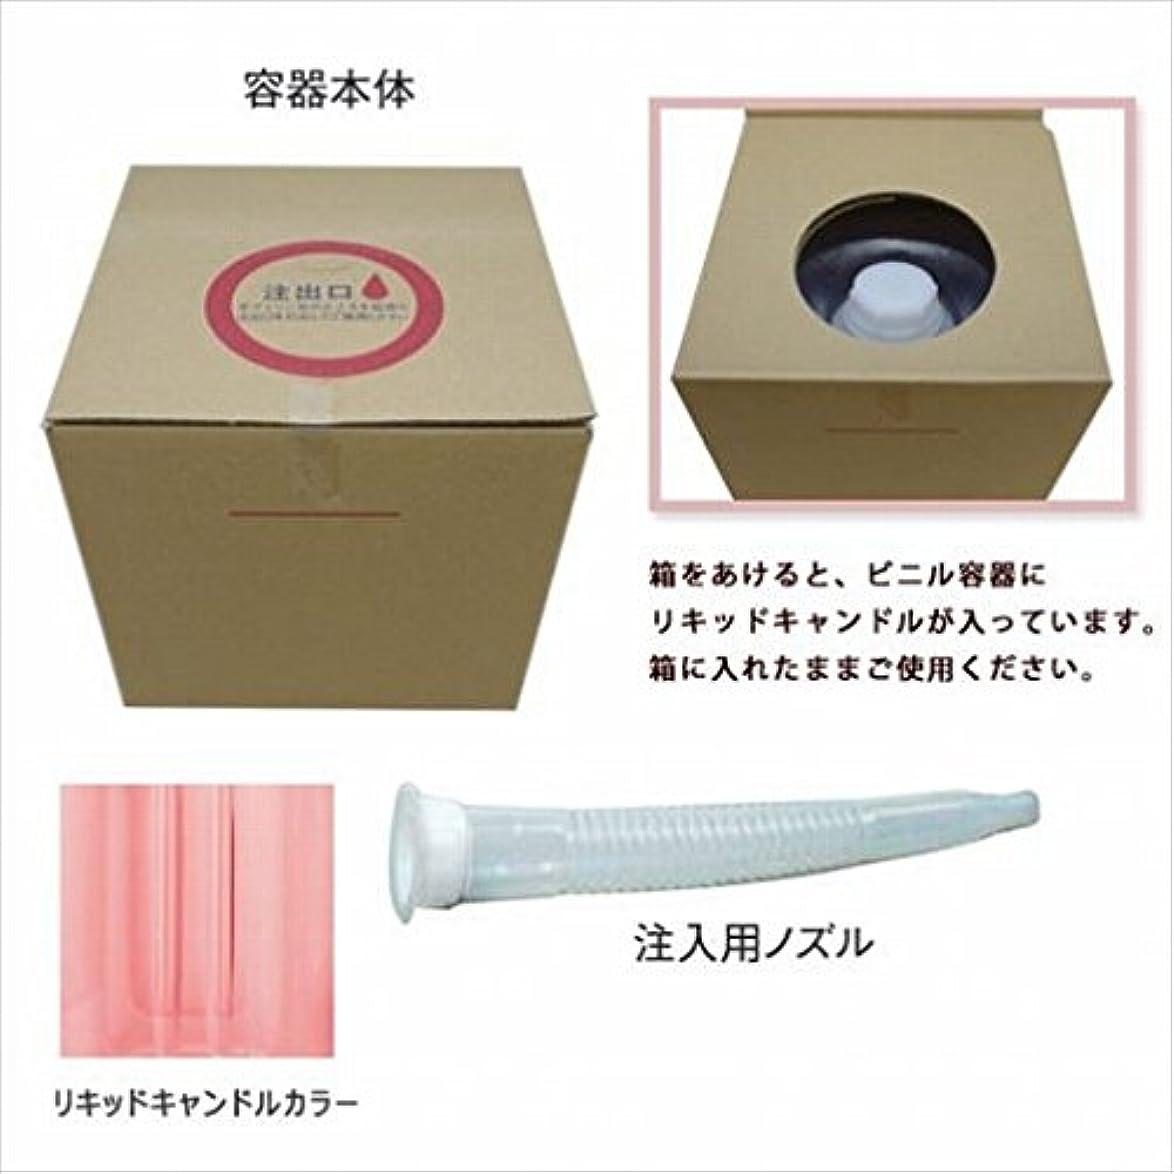 前置詞悔い改める適切なカメヤマキャンドル(kameyama candle) リキッドキャンドル5リットル 「 ピンク 」